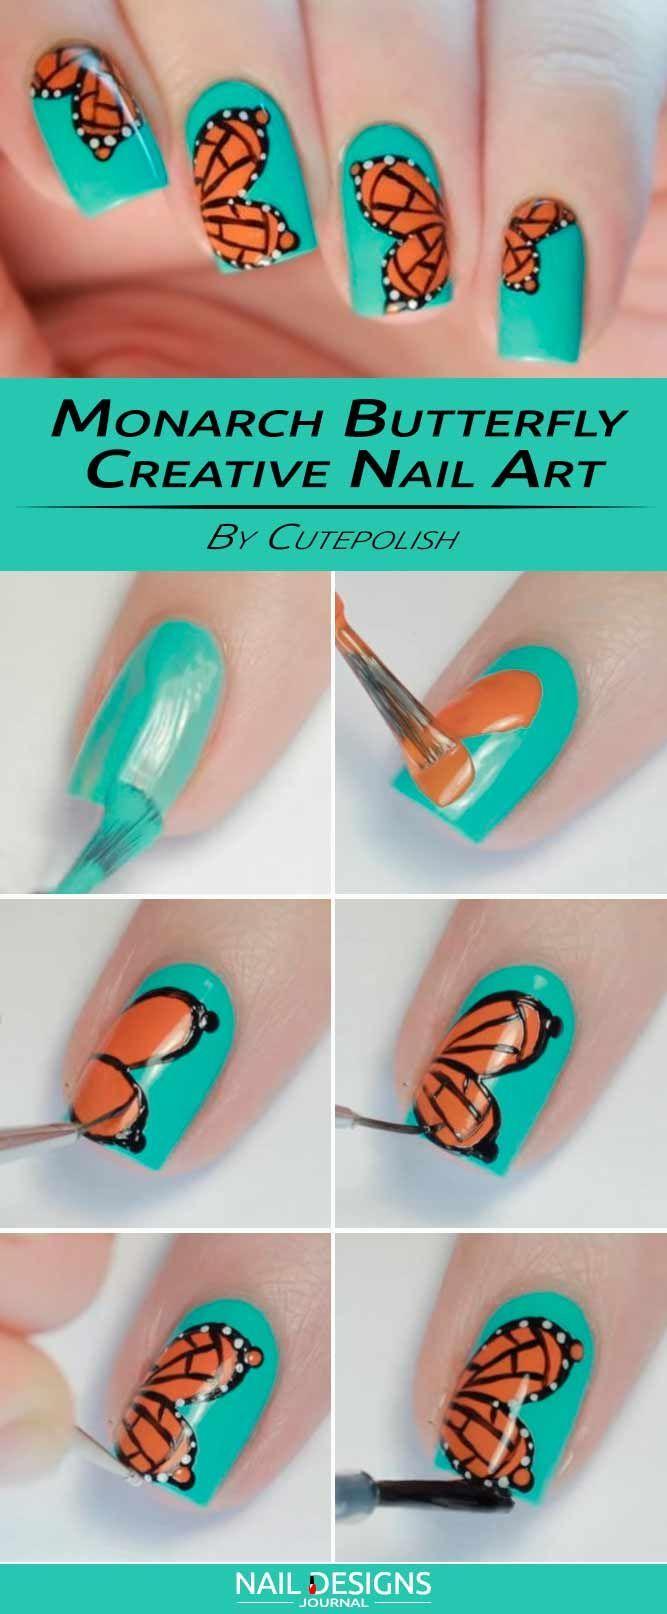 823 besten Nails Bilder auf Pinterest   Nagelkunst, Nageldesign und ...